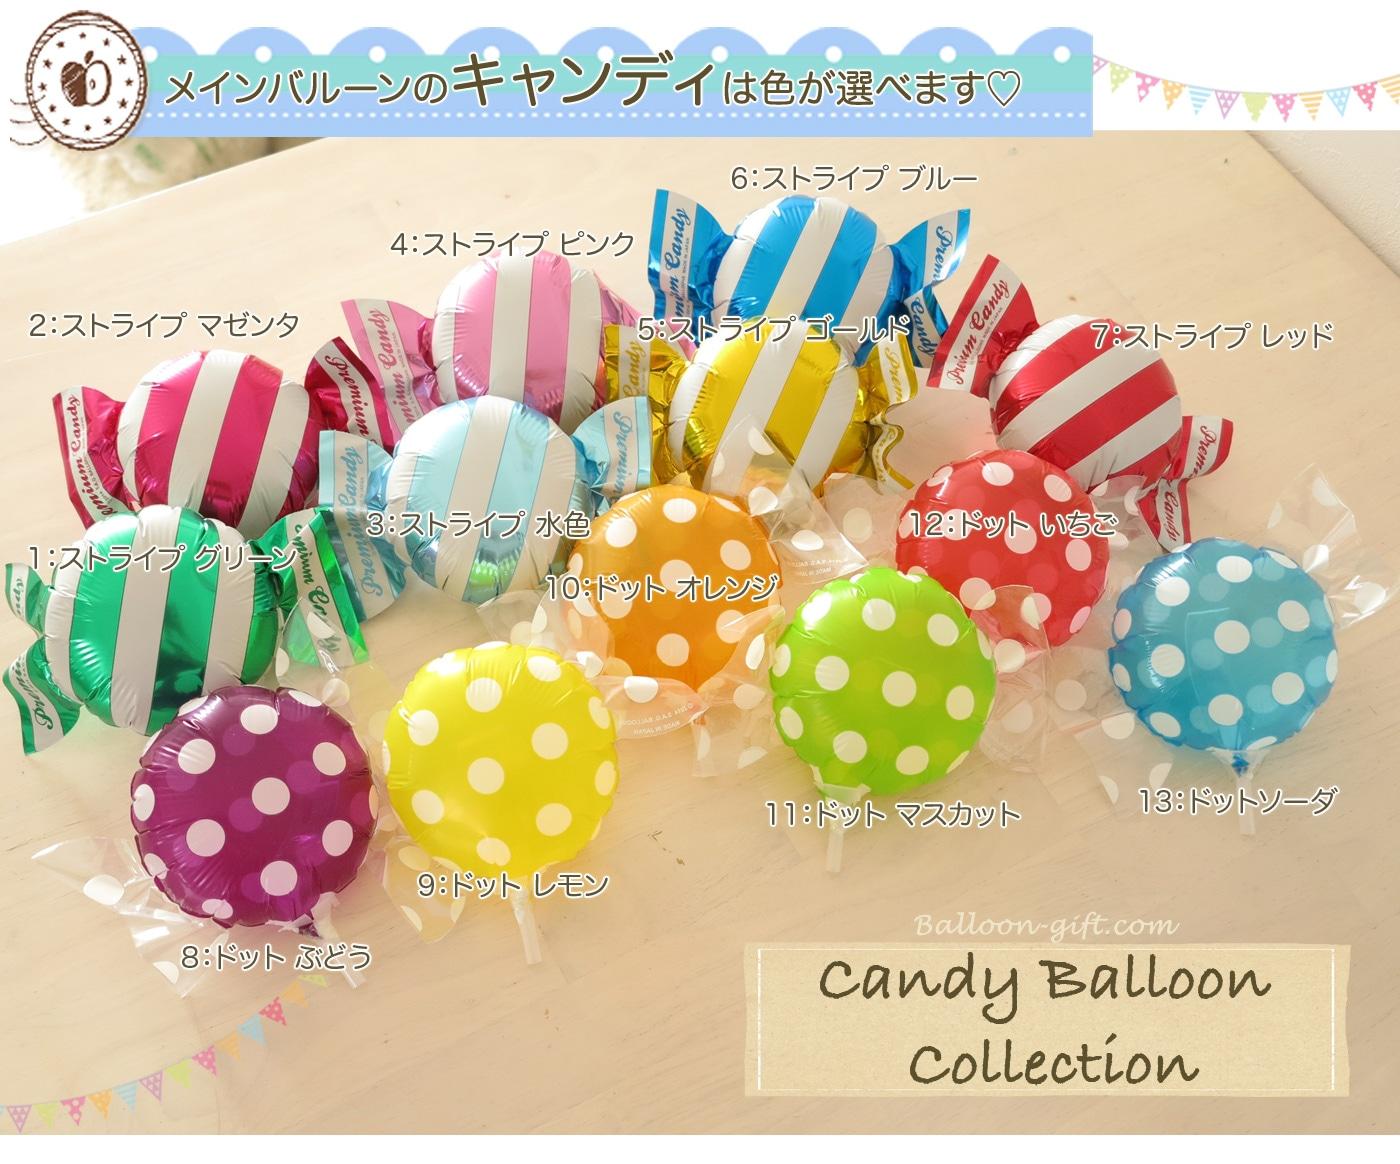 キャンディバルーンの色を選べます